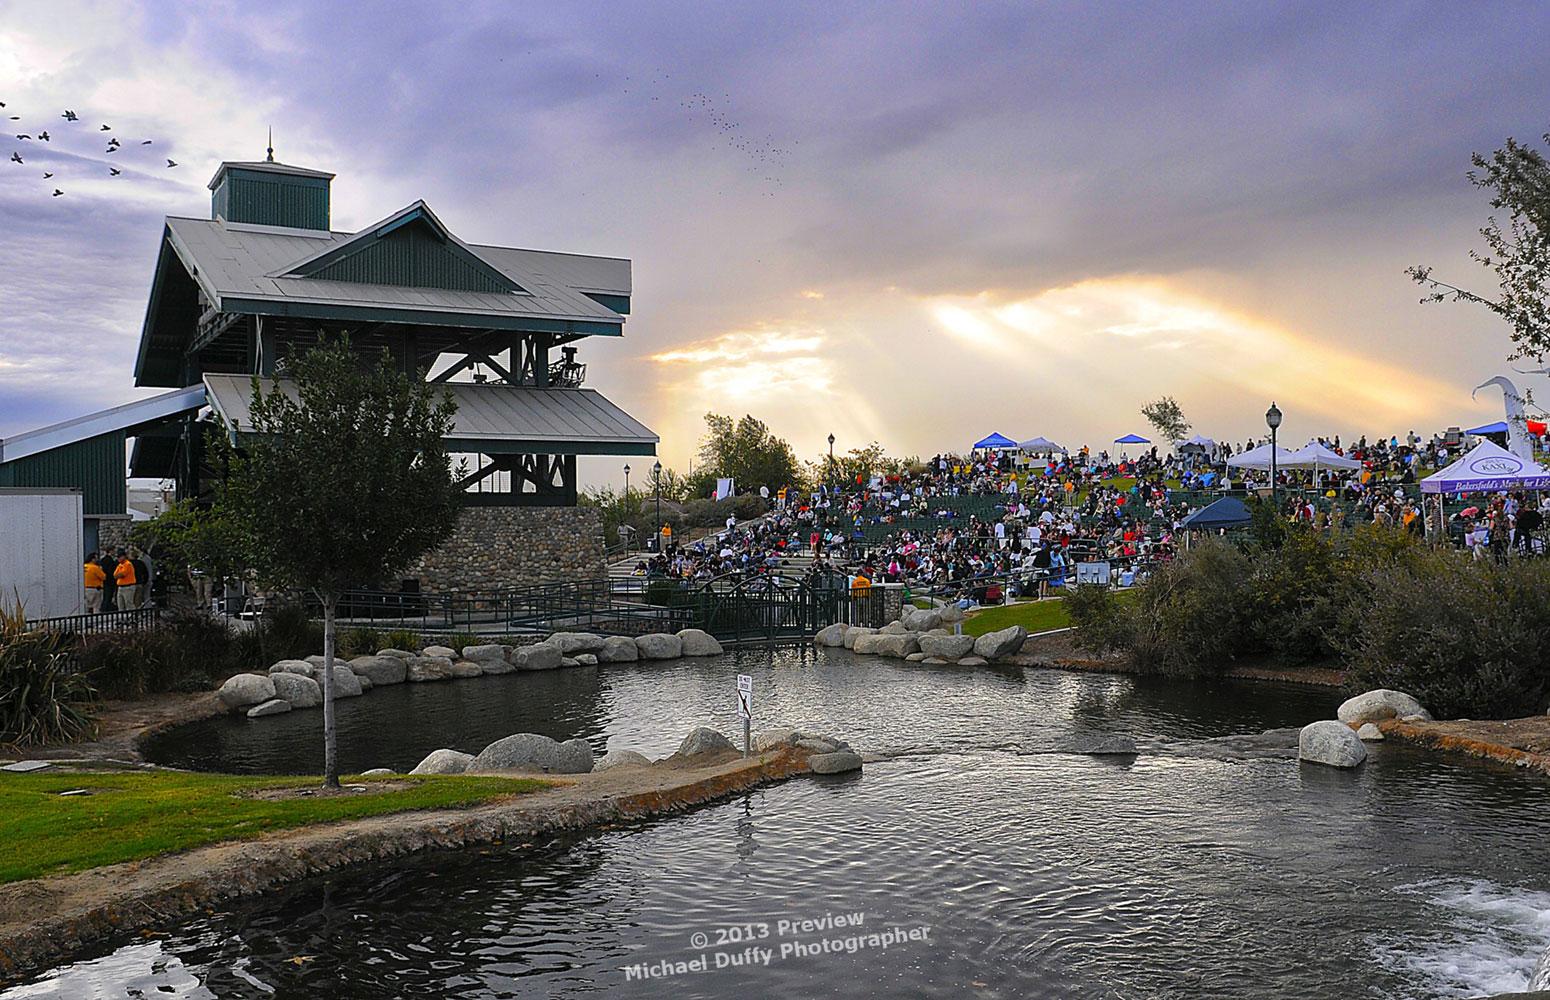 Bakersfield-venue-image